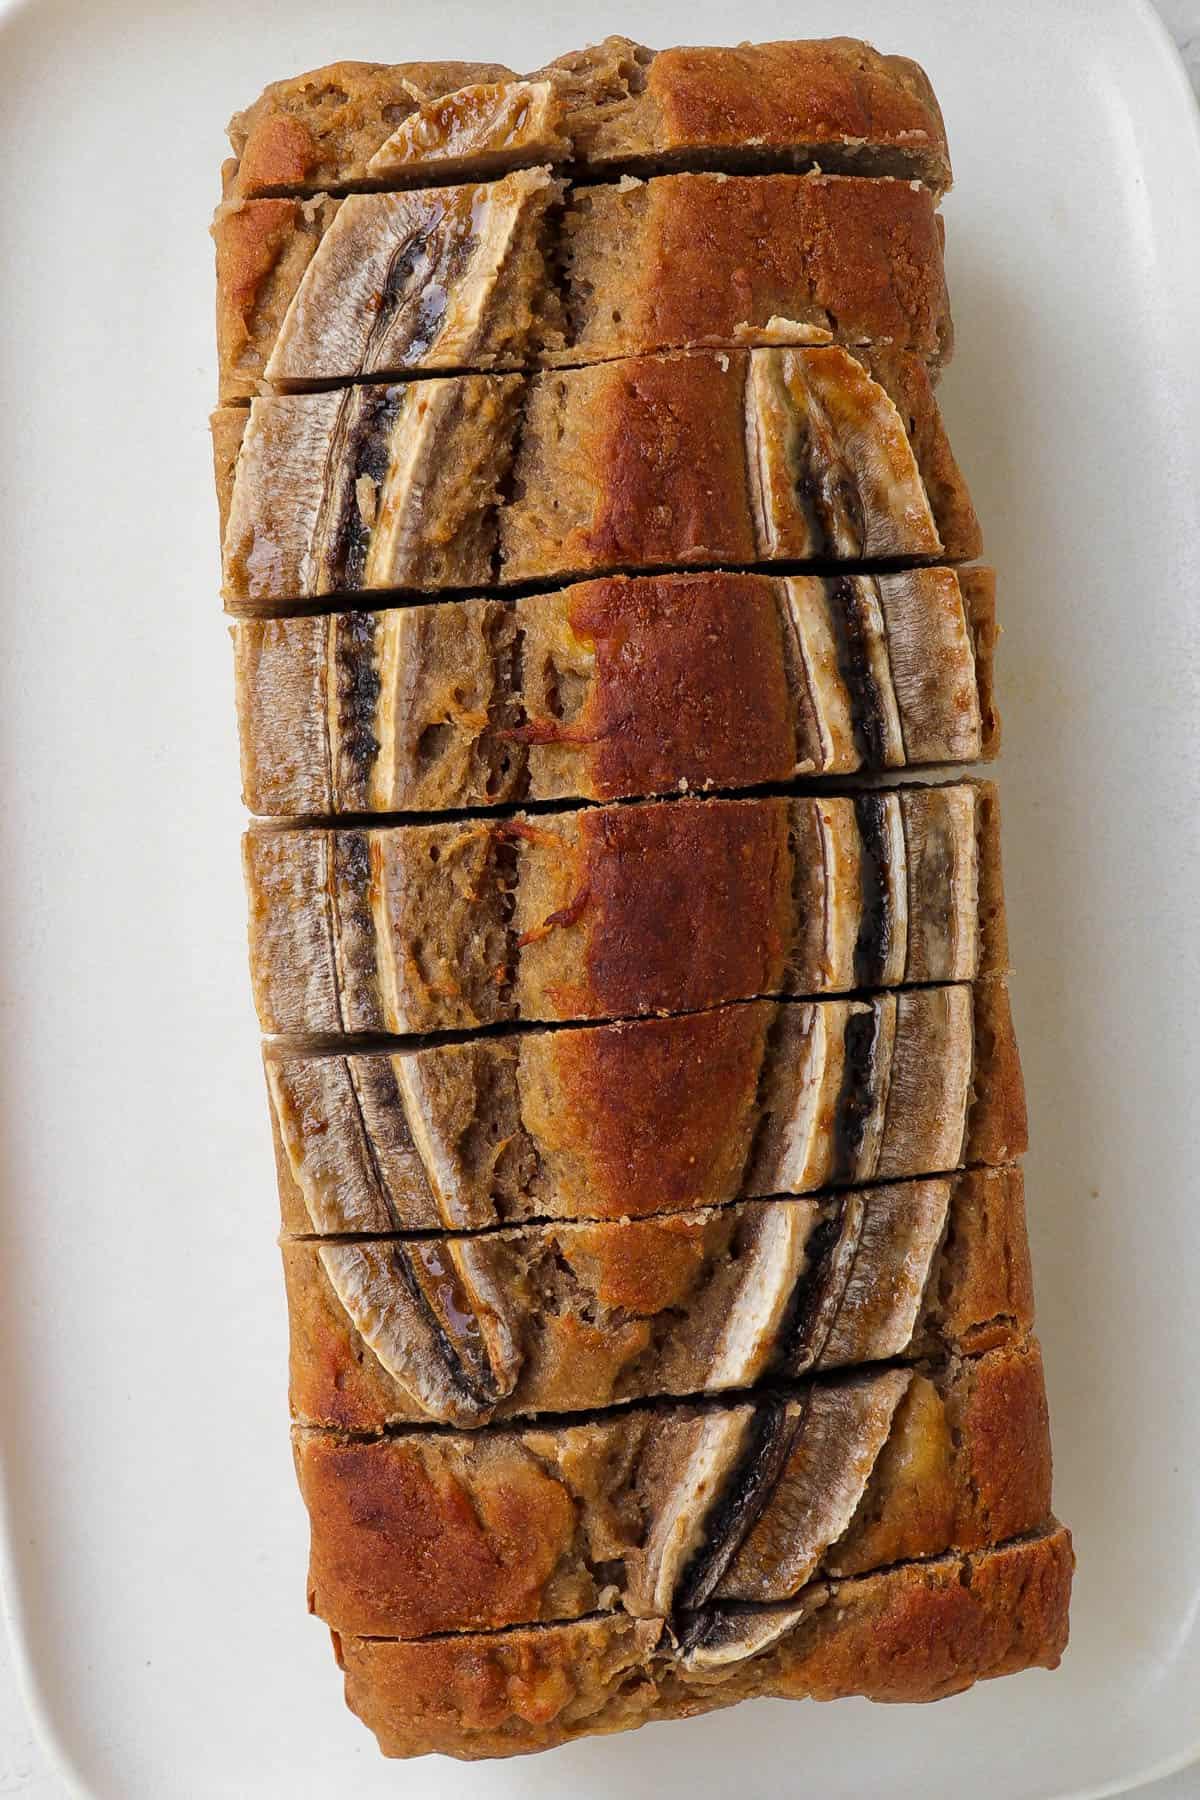 Whole loaf sliced up.